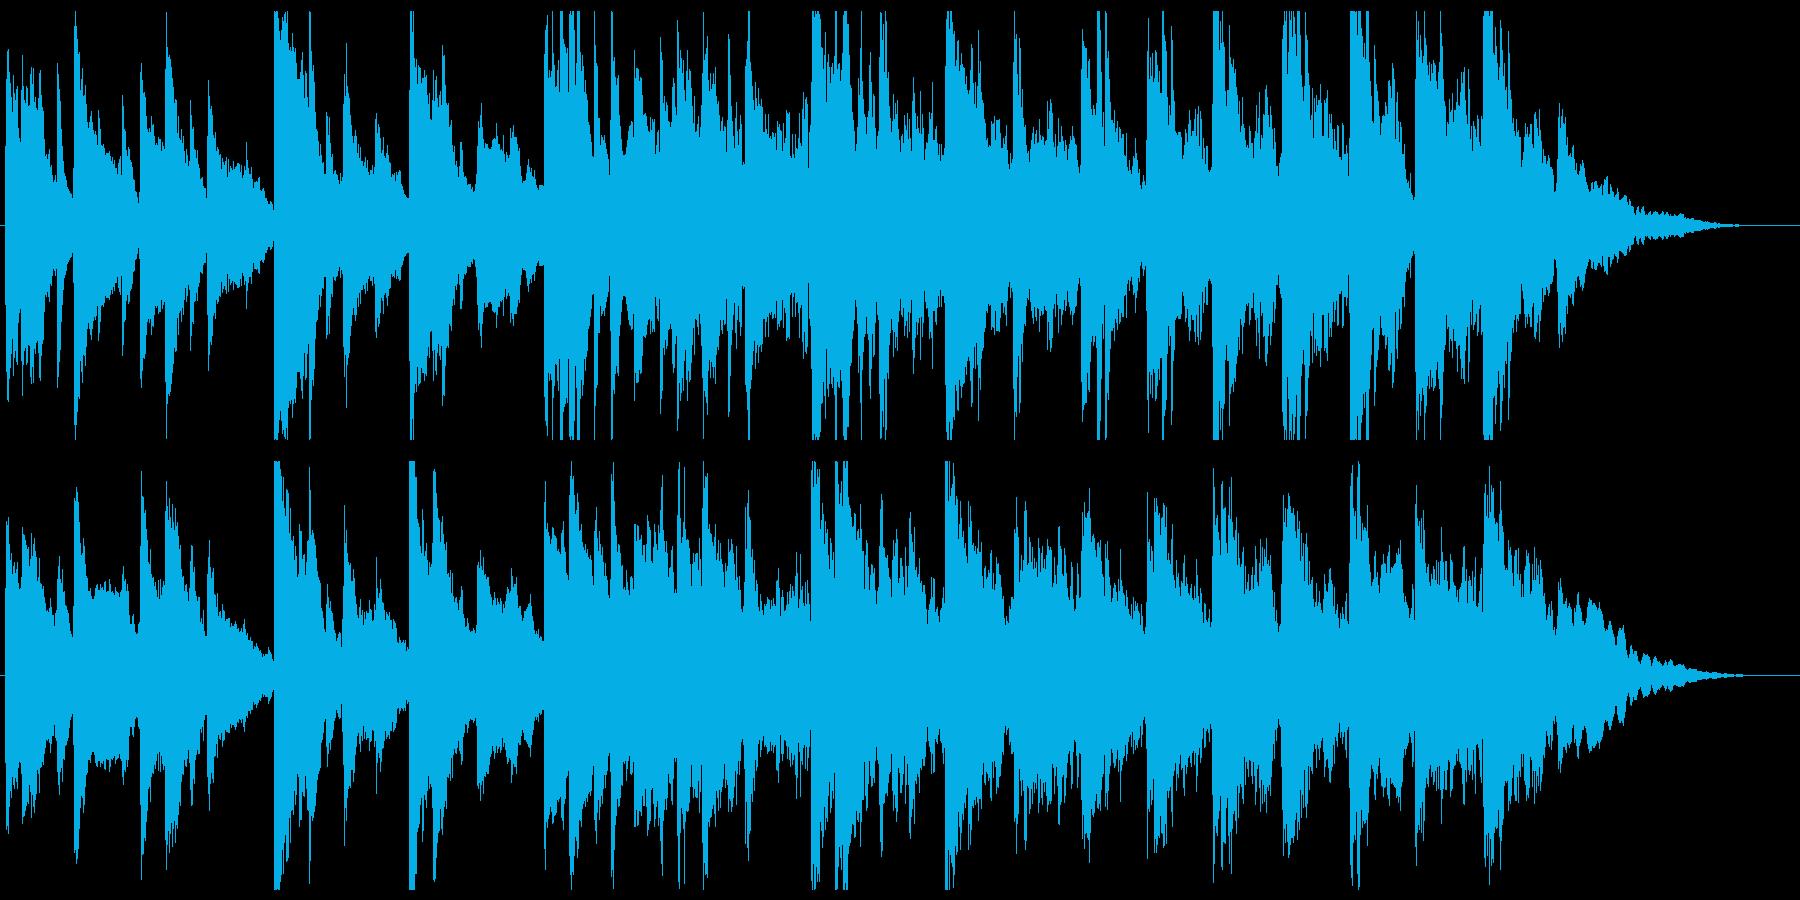 ピアノを使用した感動的な曲、映像等にの再生済みの波形